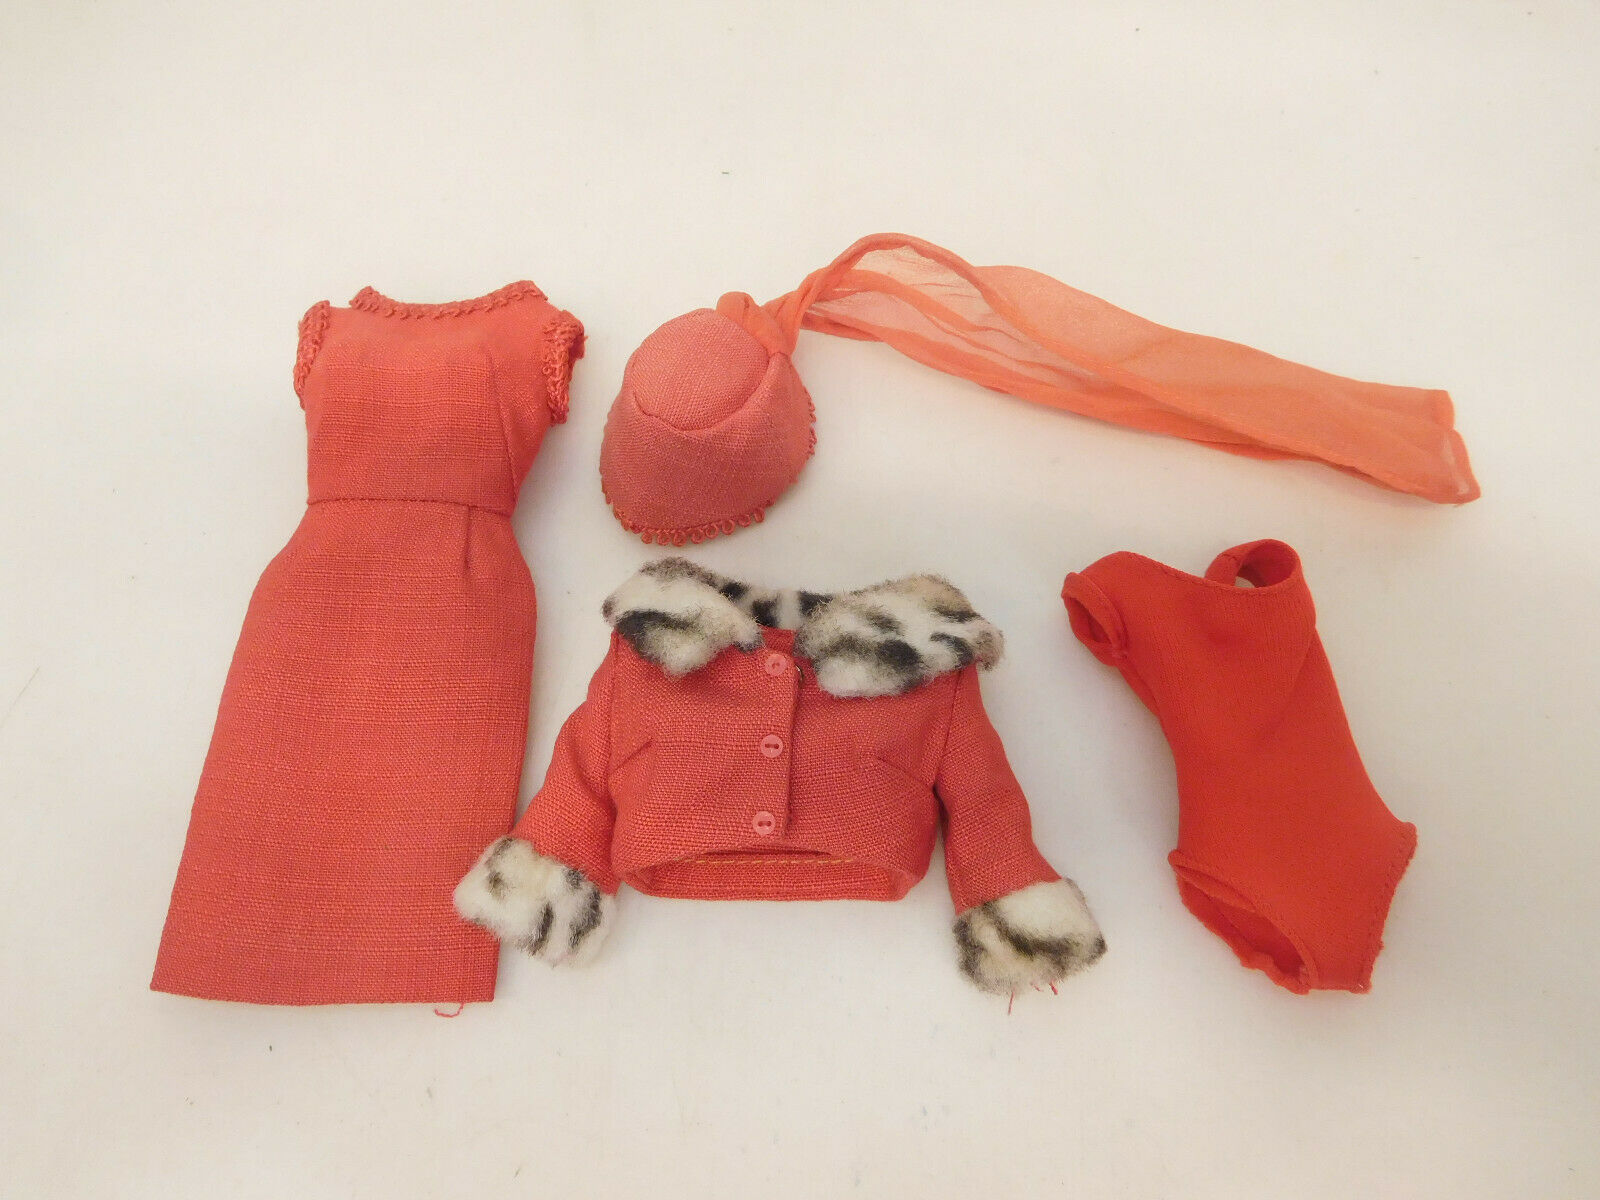 X-63920  più obsoleto outfit Barbie, senza confezione originale,  ultimi stili